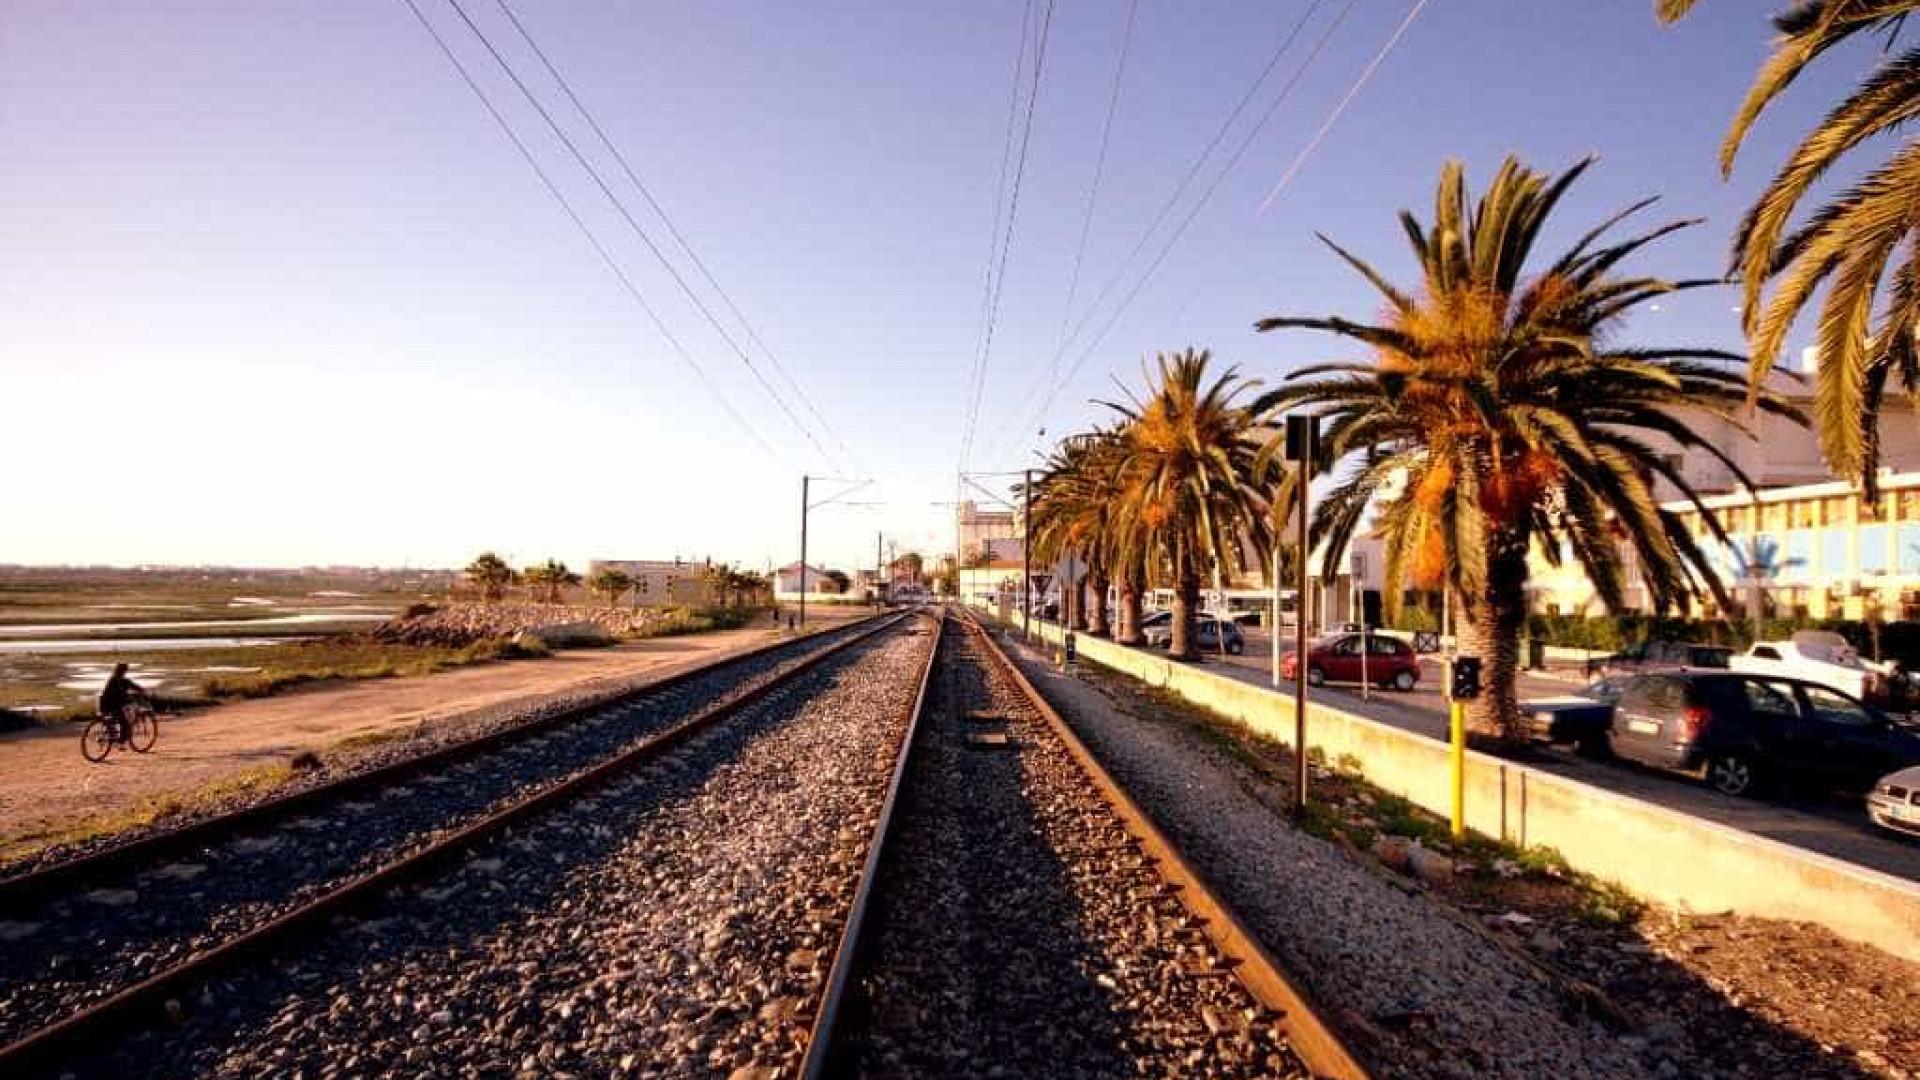 Tribunal absolve chefe de estação por morte de mulher na ferrovia